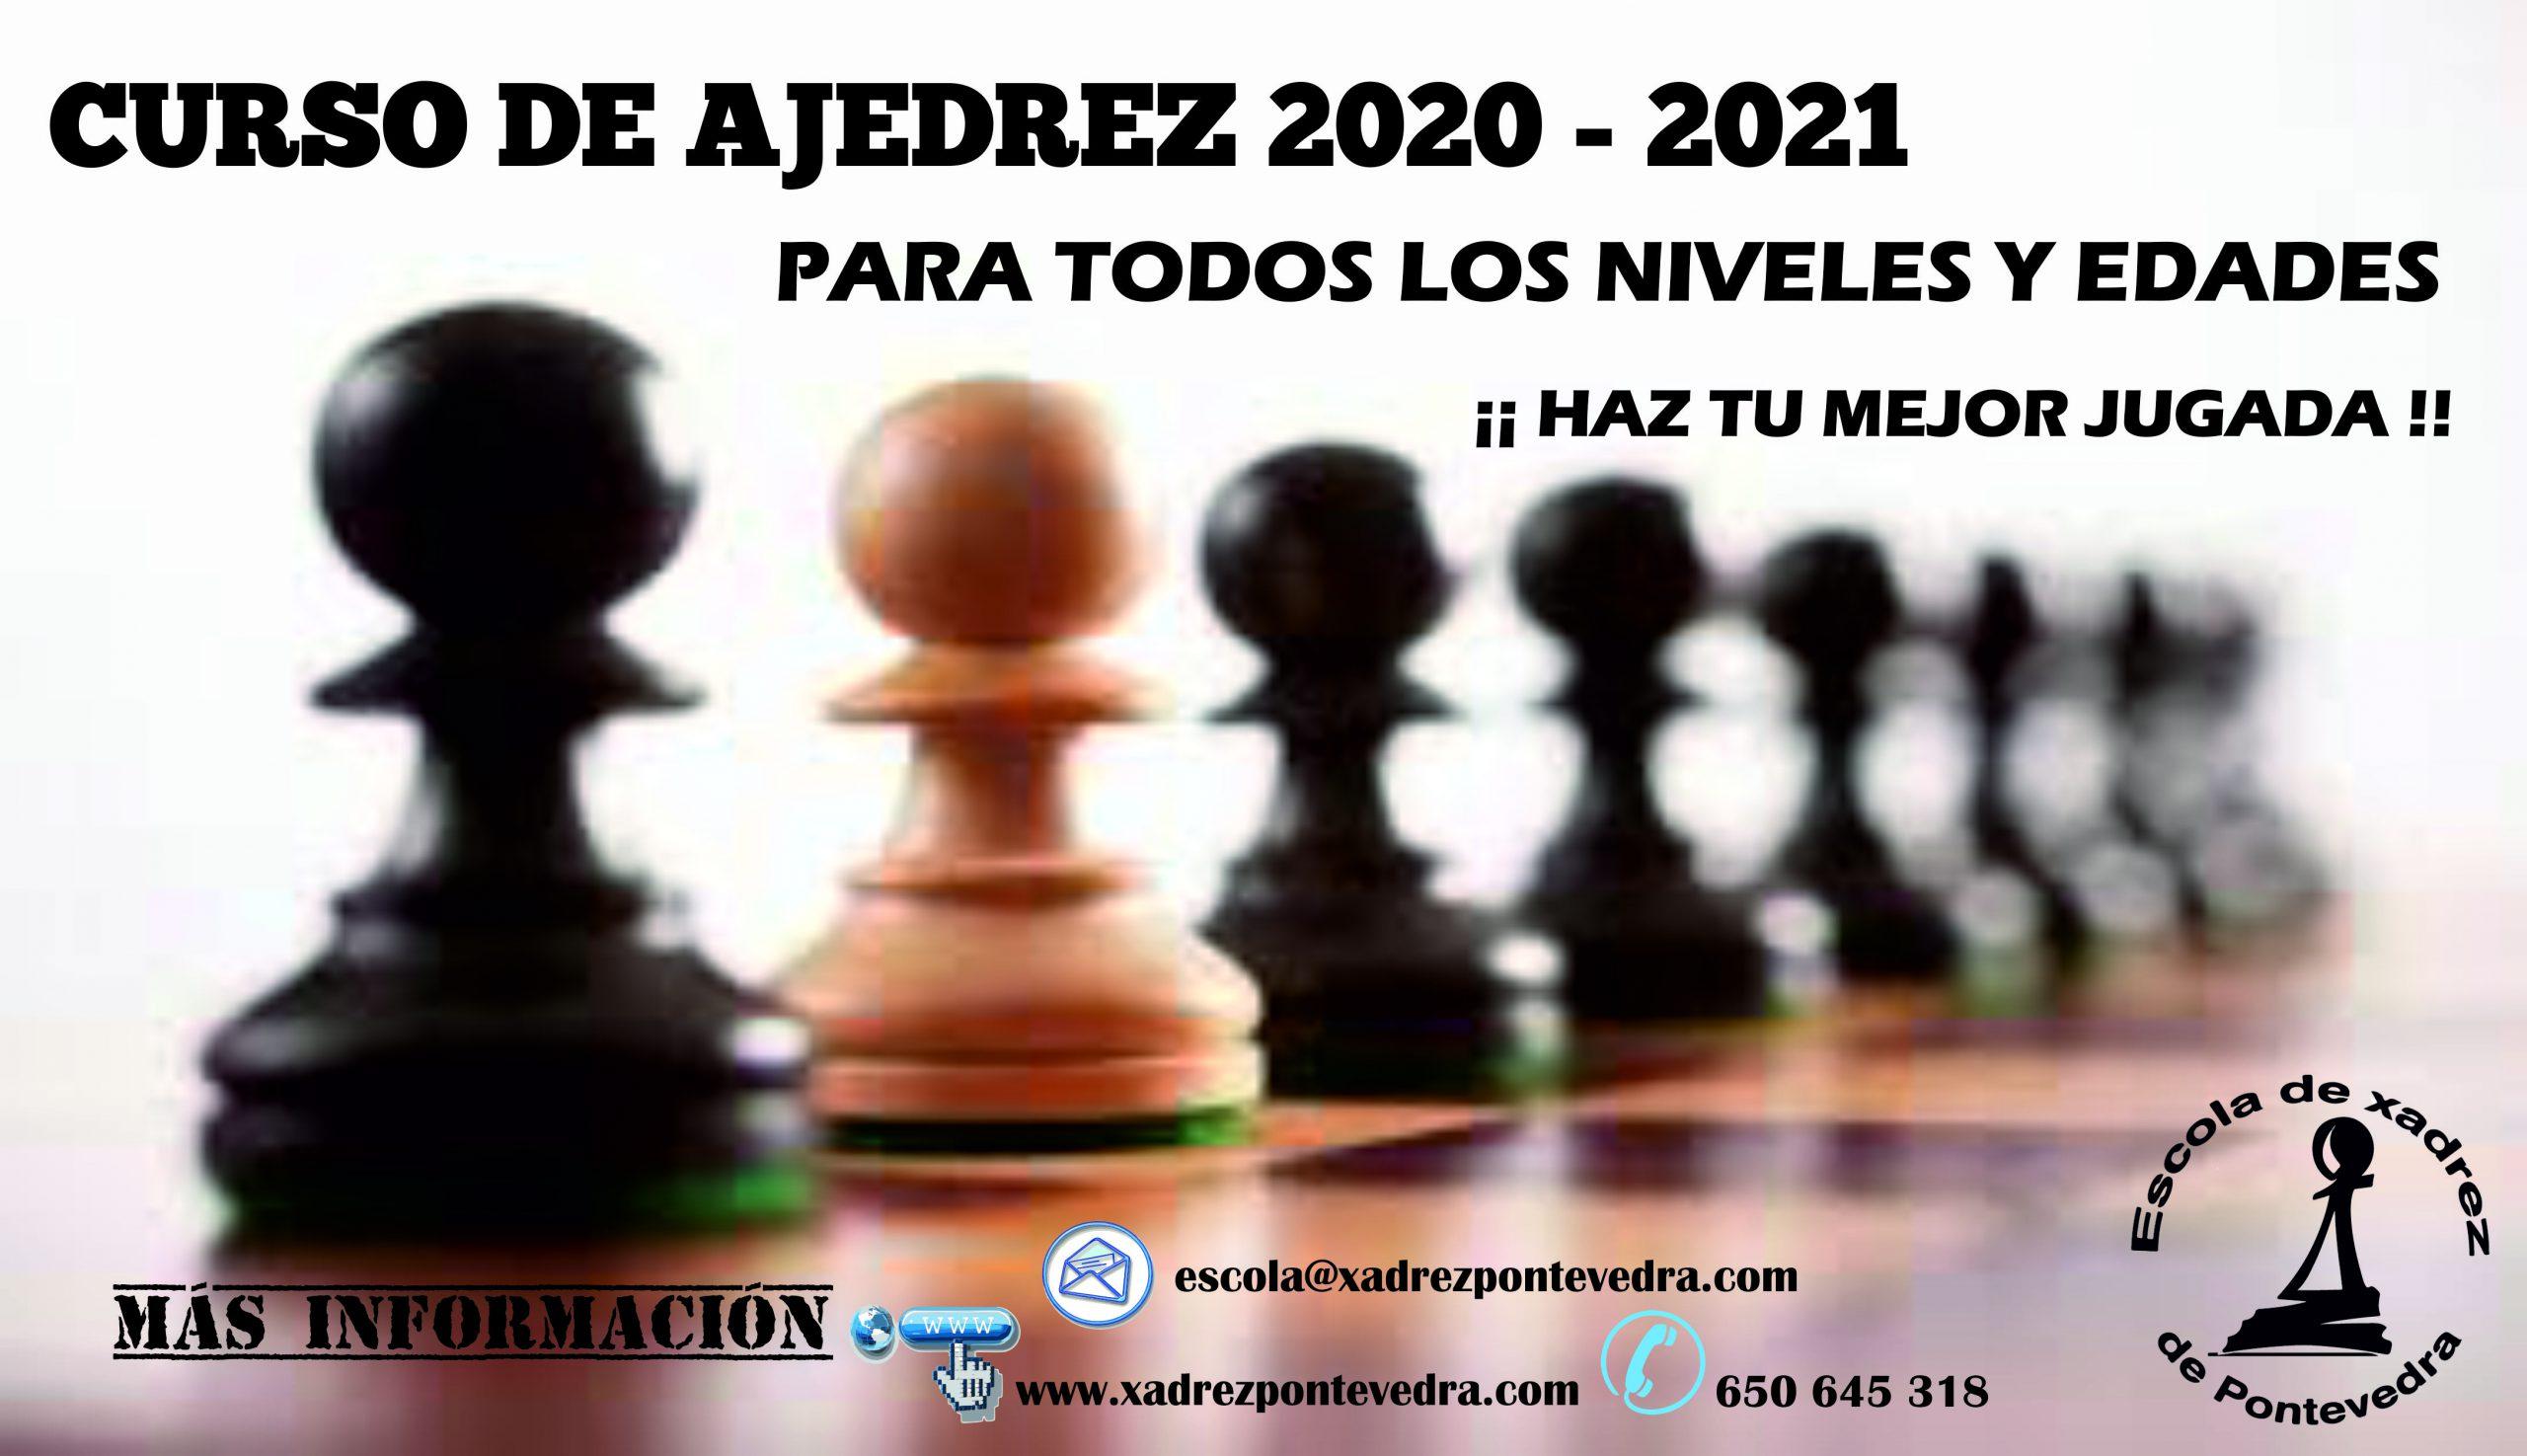 CURSO AJEDRECÍSTICO 2020/2021 de la EXP